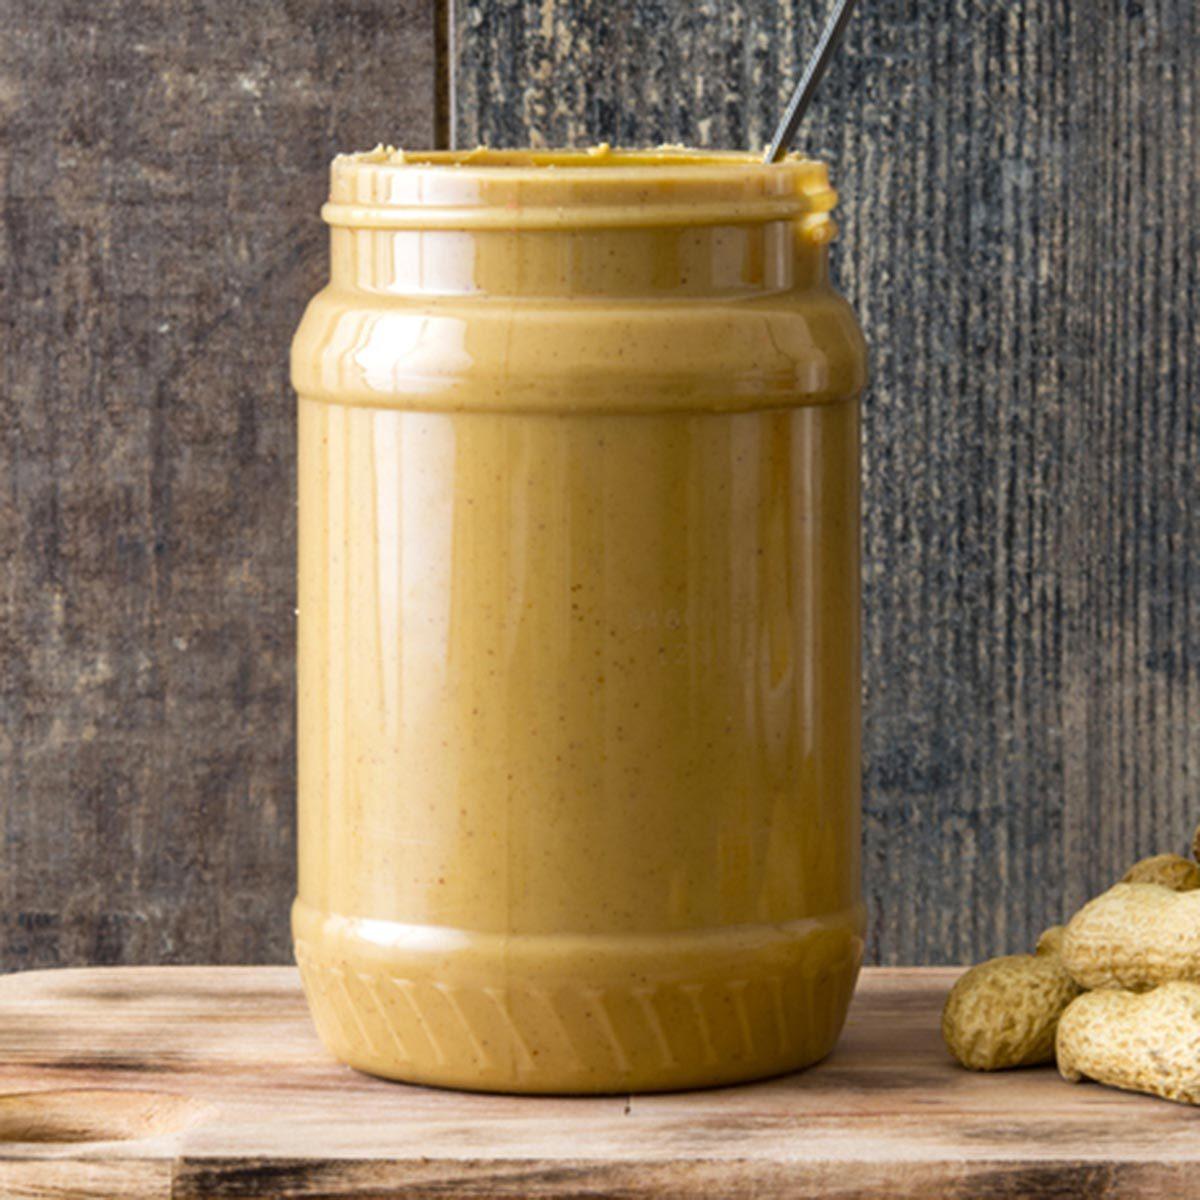 Trucs culinaires : retournez les pots de beurre d'arachide naturel.